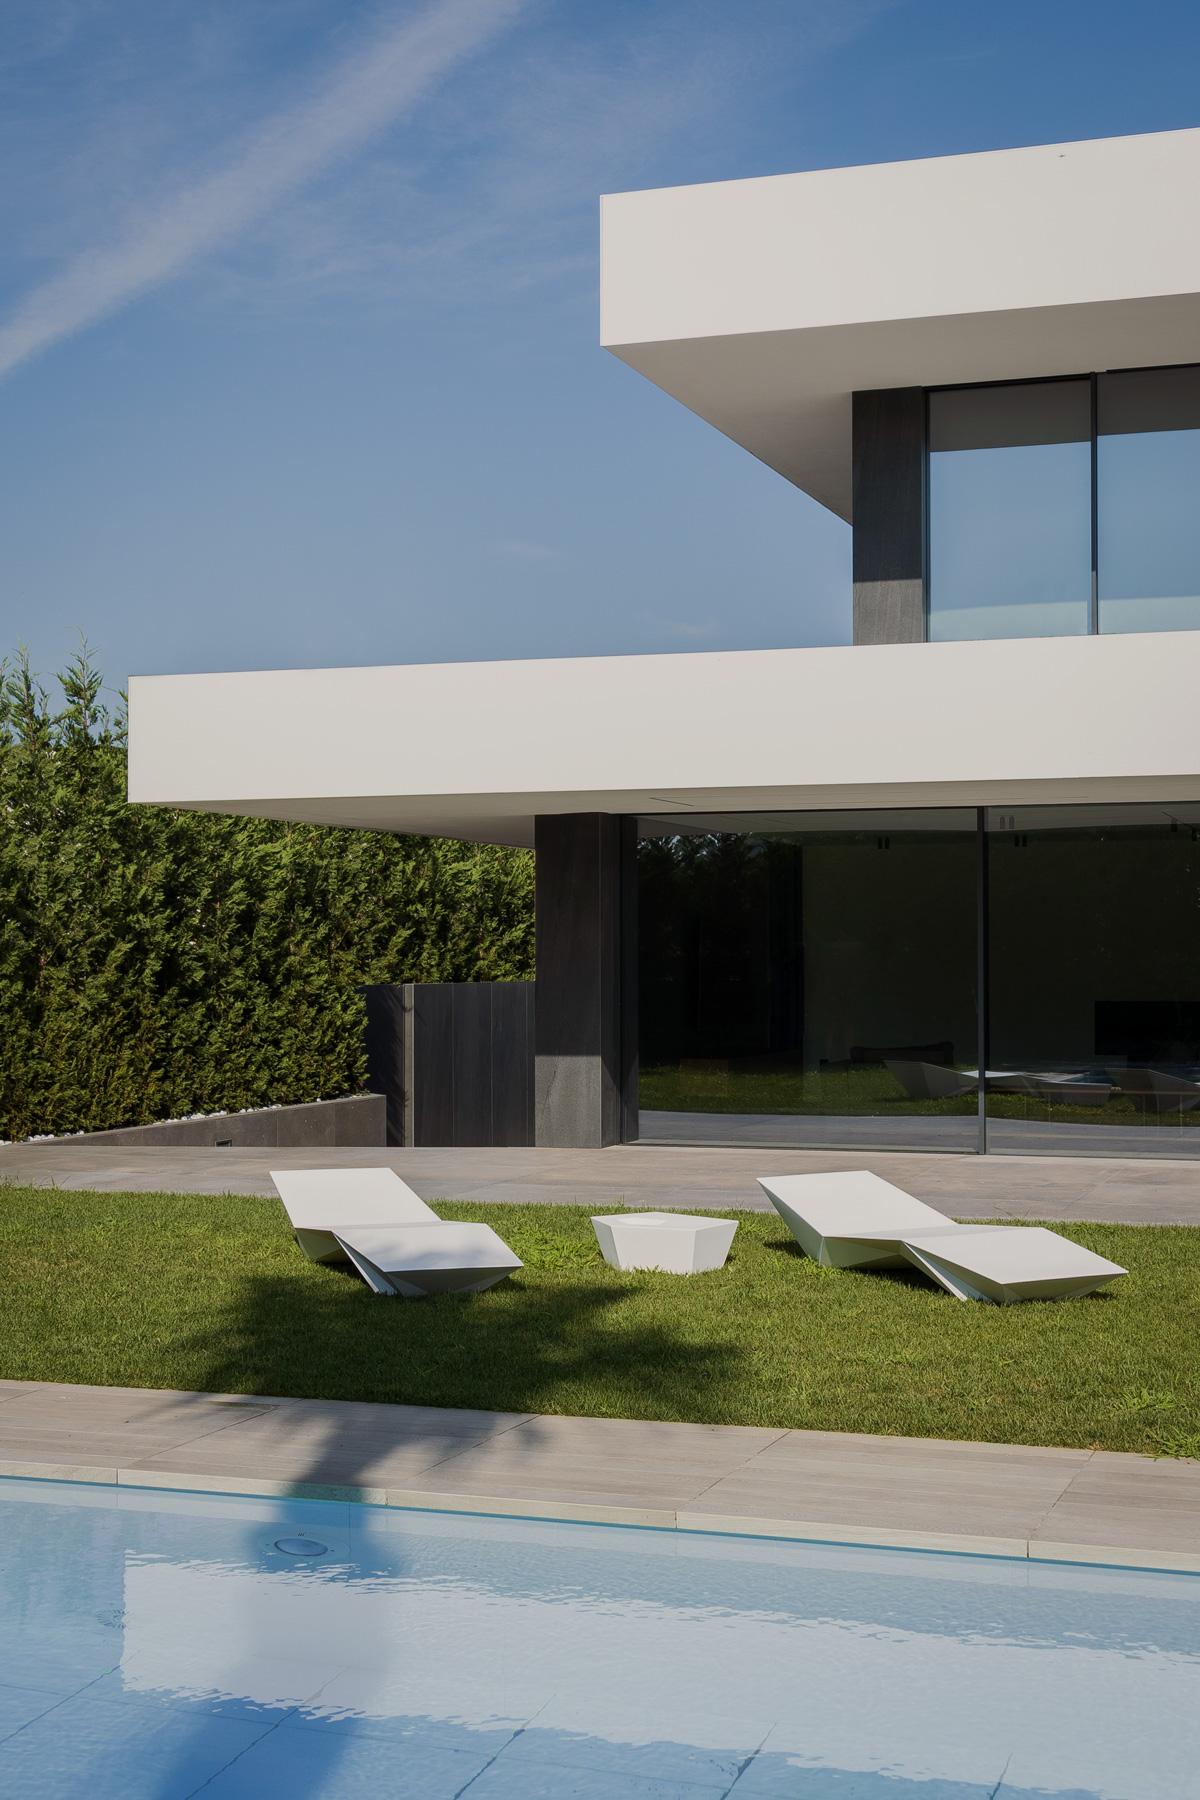 Casa moderna minimalista blanca con piscina